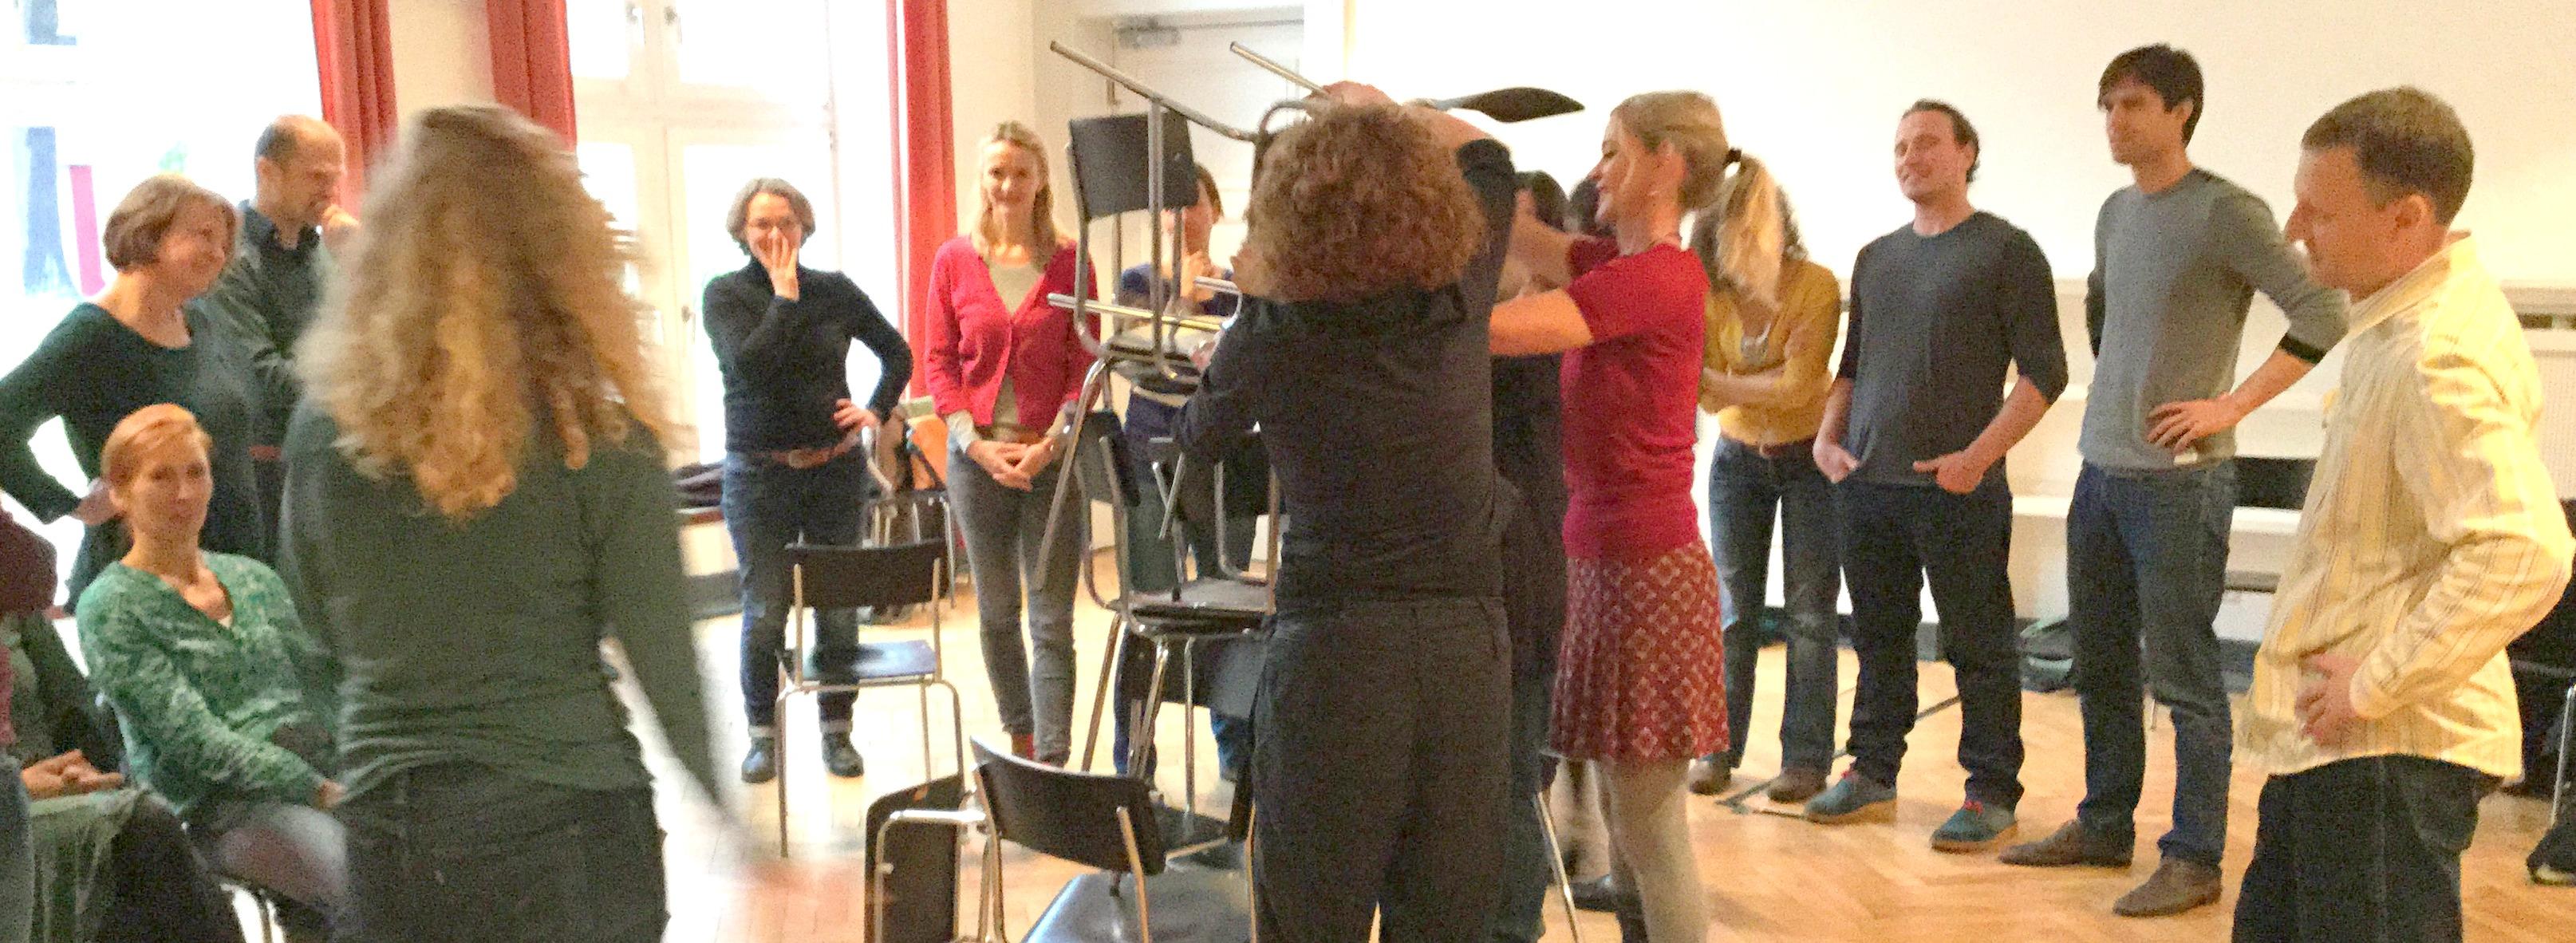 Workshop Angewandte Improvisation - GST Konferenz Berlin